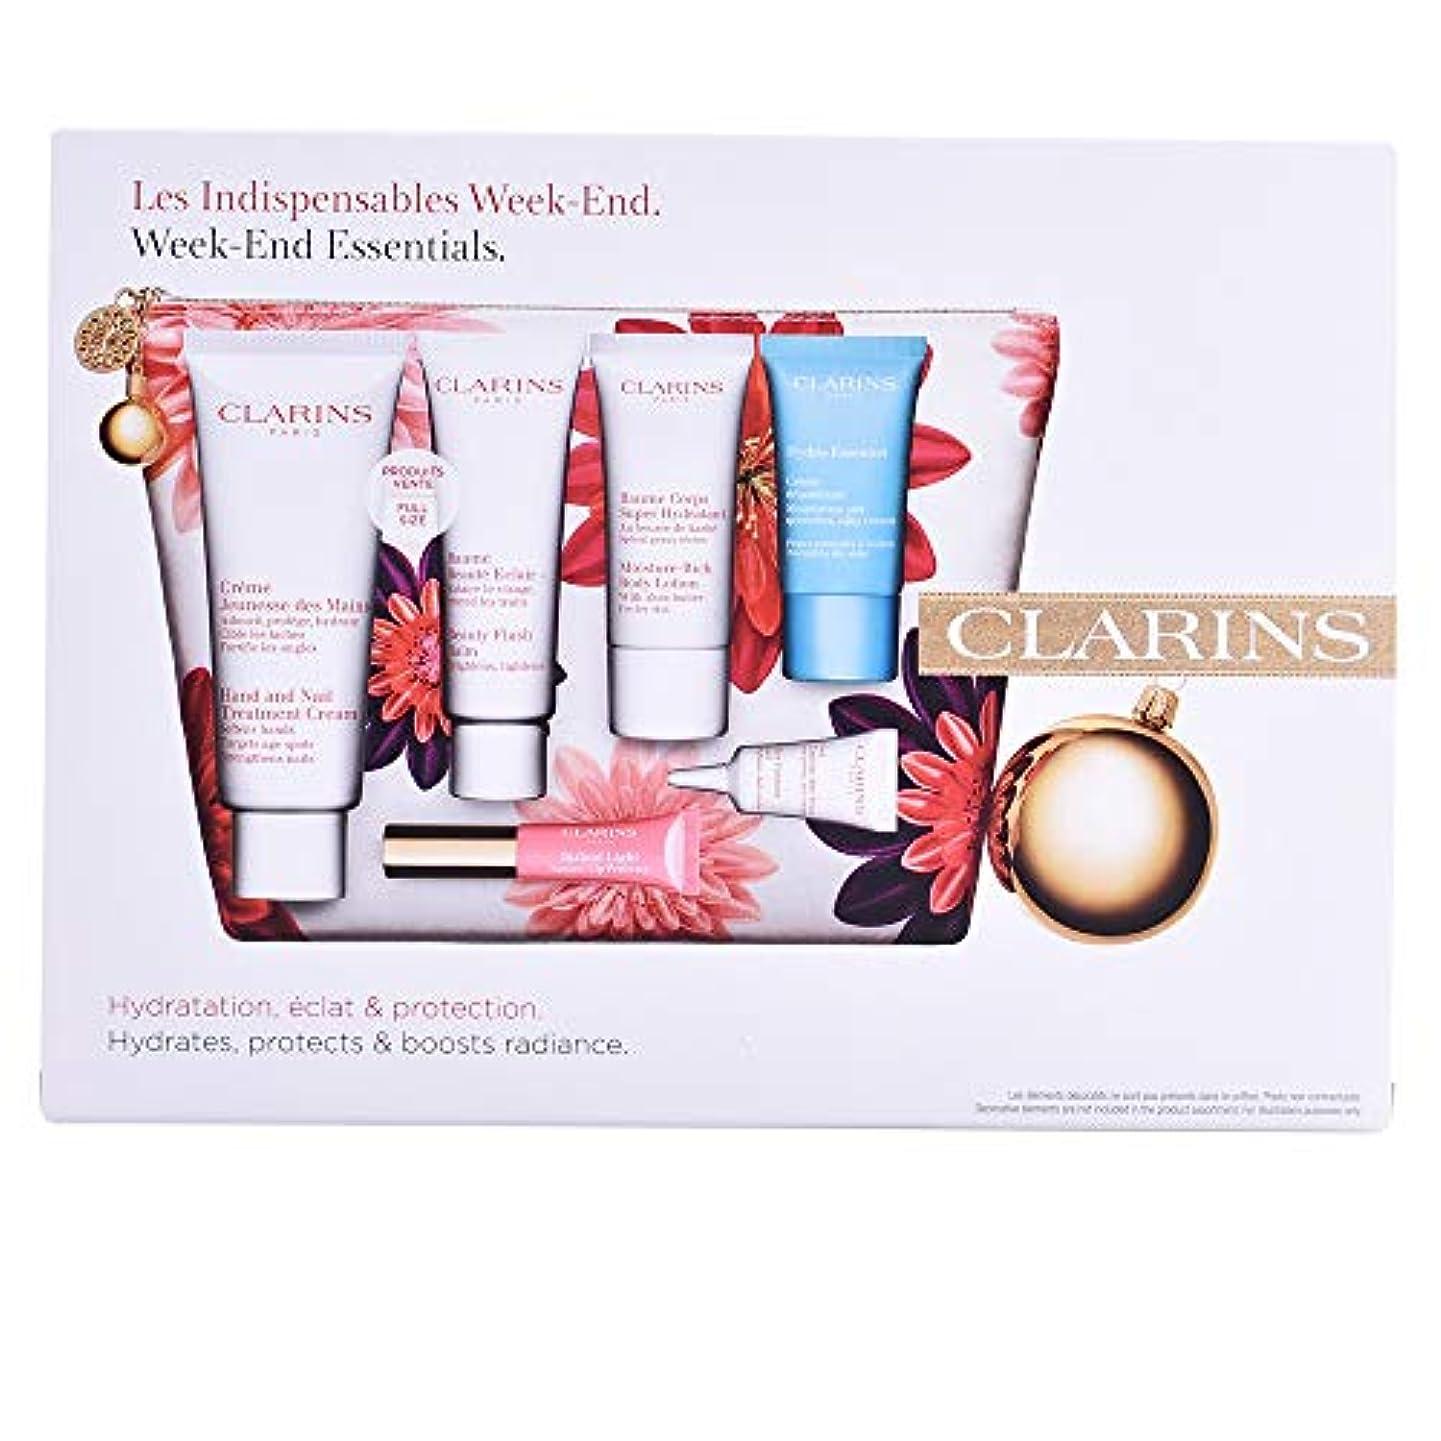 農業の後ろ、背後、背面(部抱擁クラランス Week-End Essentials: Hand & Nail Cream+Beauty Flash Balm+Moisture-Rich Body+Eye Contour Gel+Hydra-Essentiel...